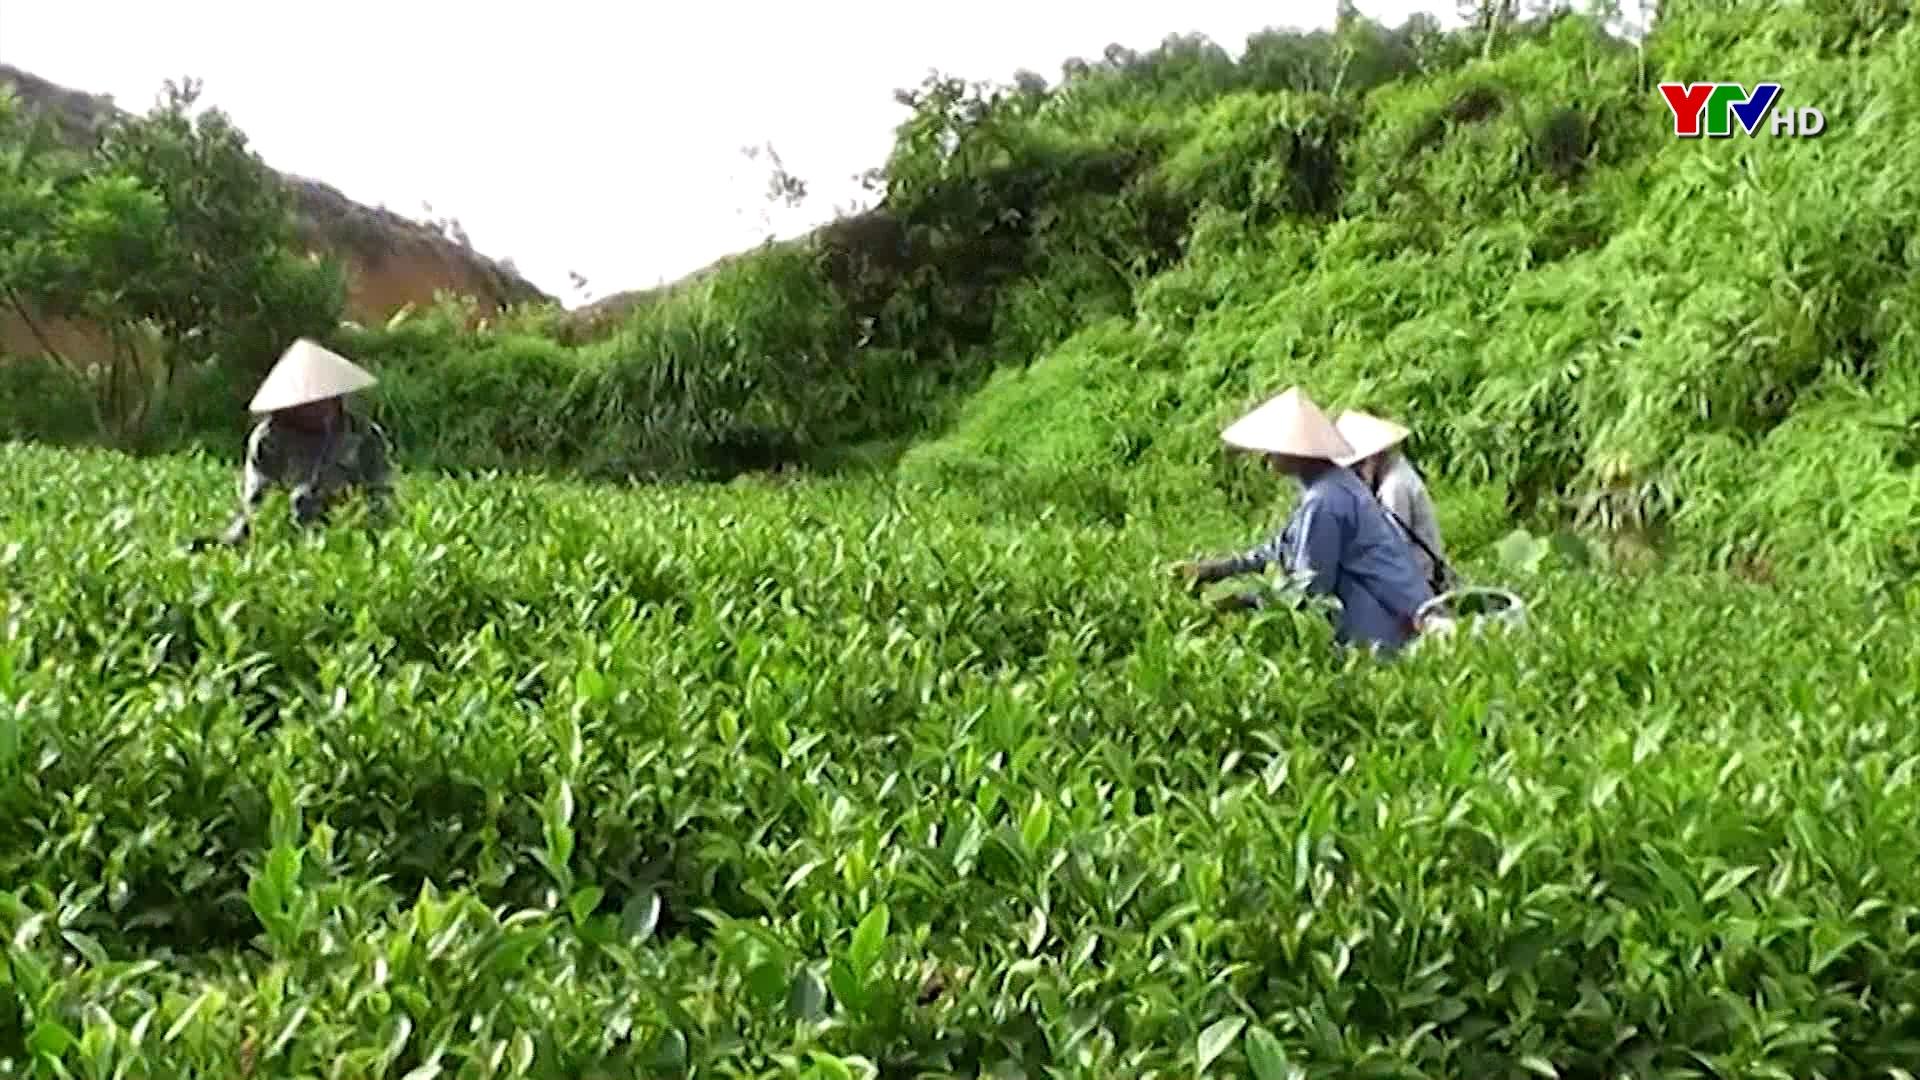 Yên Bái phấn đấu giá trị tổng sản phẩm nông lâm nghiệp và thủy sản đạt trên 9.600 tỷ đồng